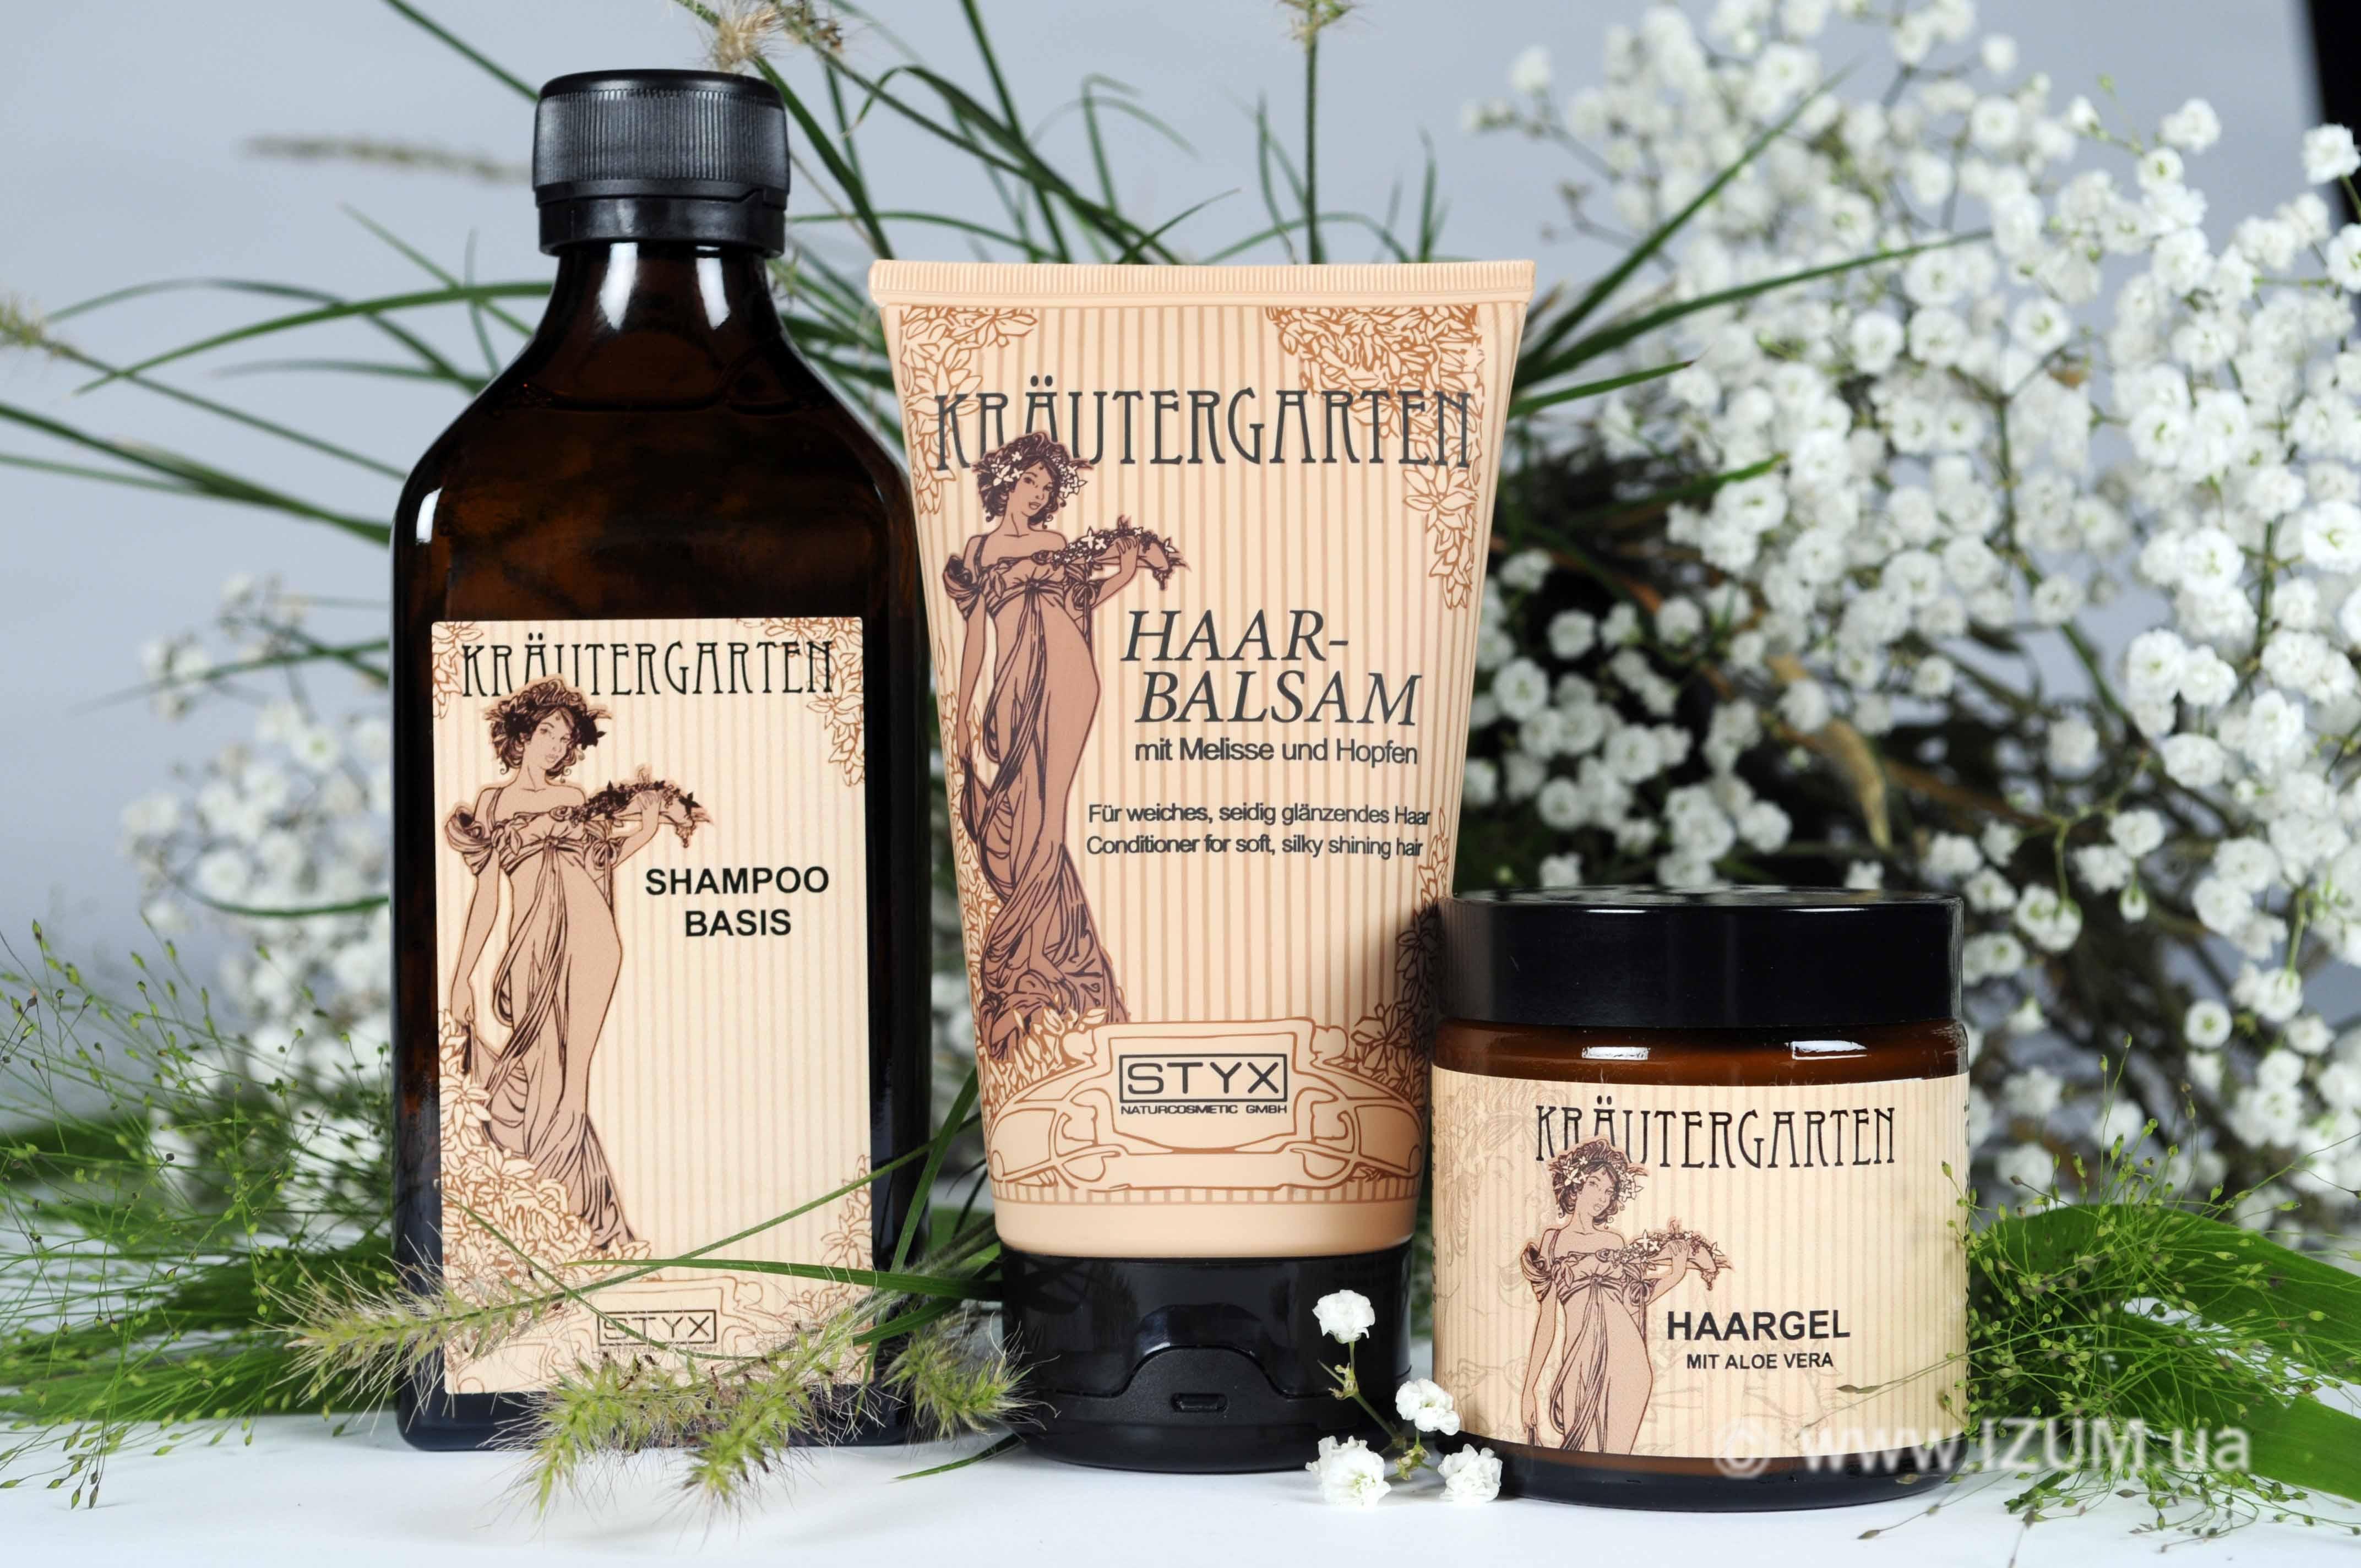 $TYX - 100% натуральные эфирные масла и природная косметика, созданные по старинным рецептам, проверенным поколениями! Натуральная красота для современных женщин! Выкуп 3.